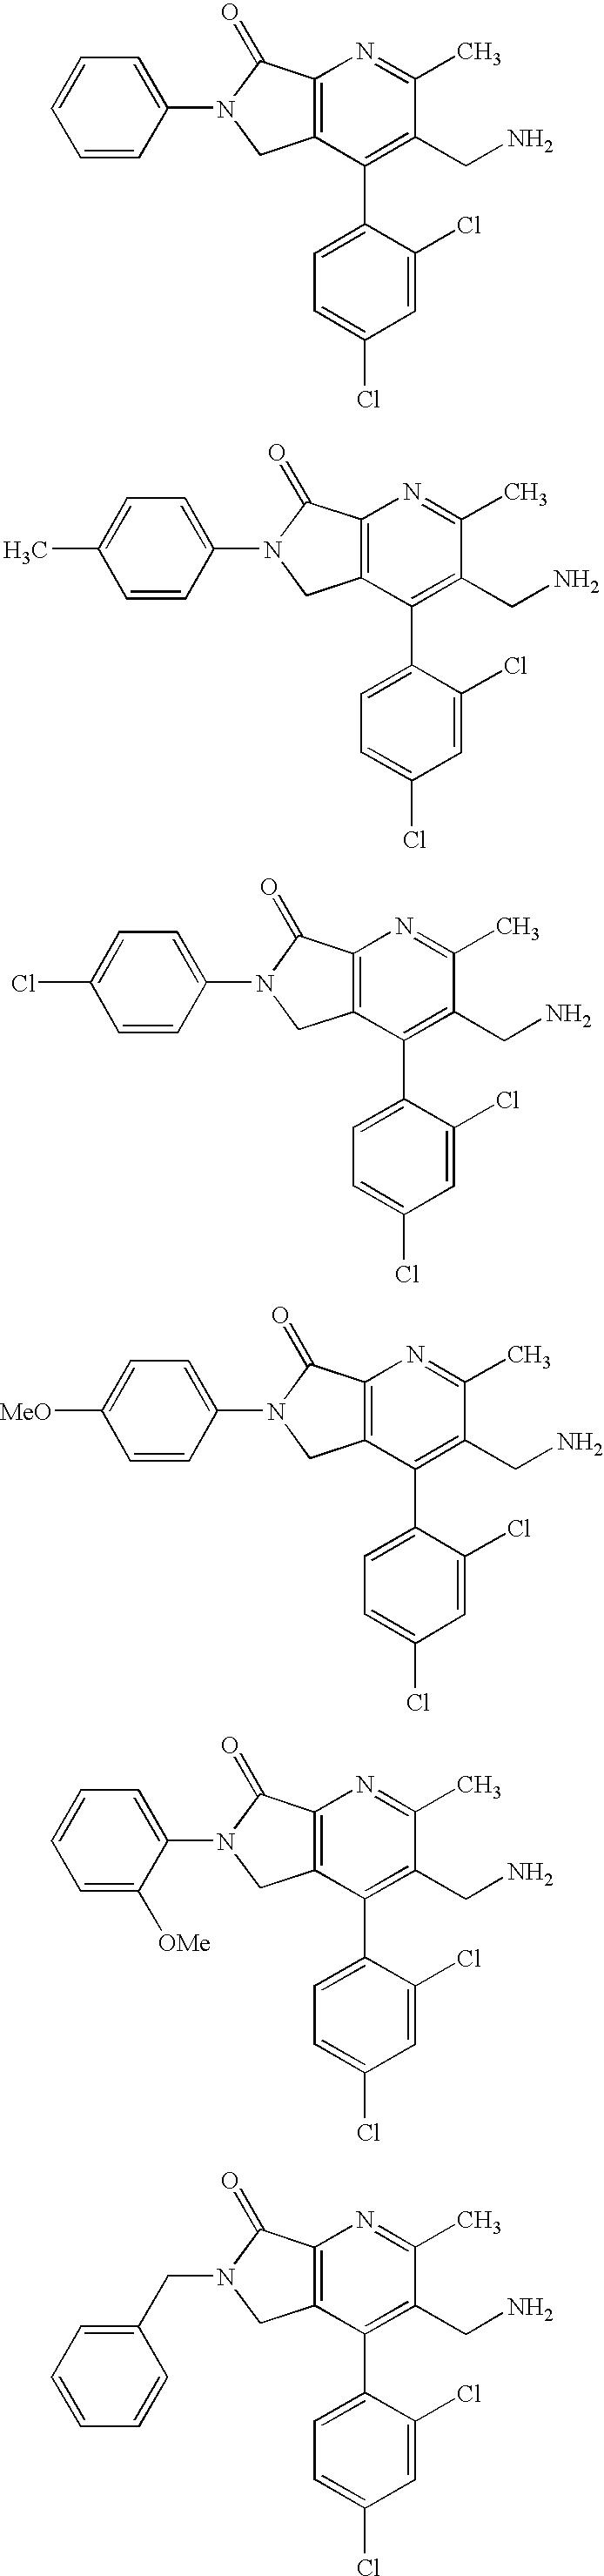 Figure US07521557-20090421-C00004